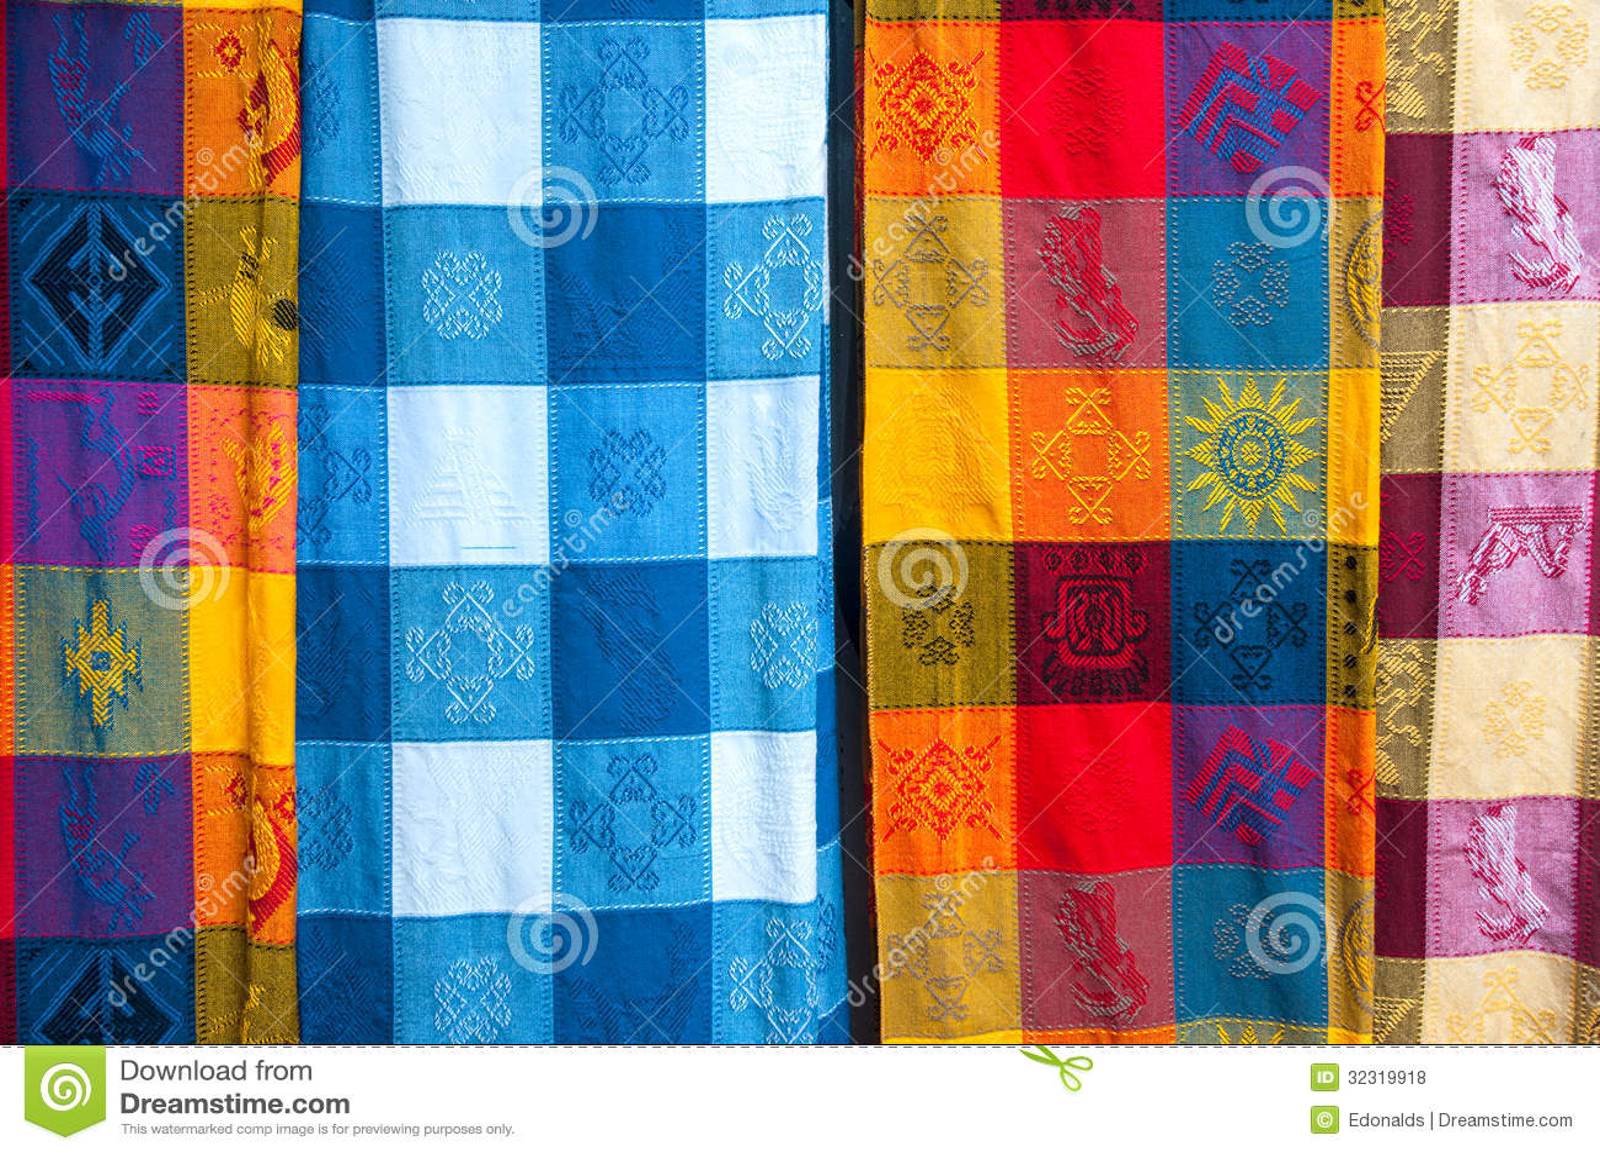 mexikanische tischdecken lizenzfreie stockfotos bild. Black Bedroom Furniture Sets. Home Design Ideas